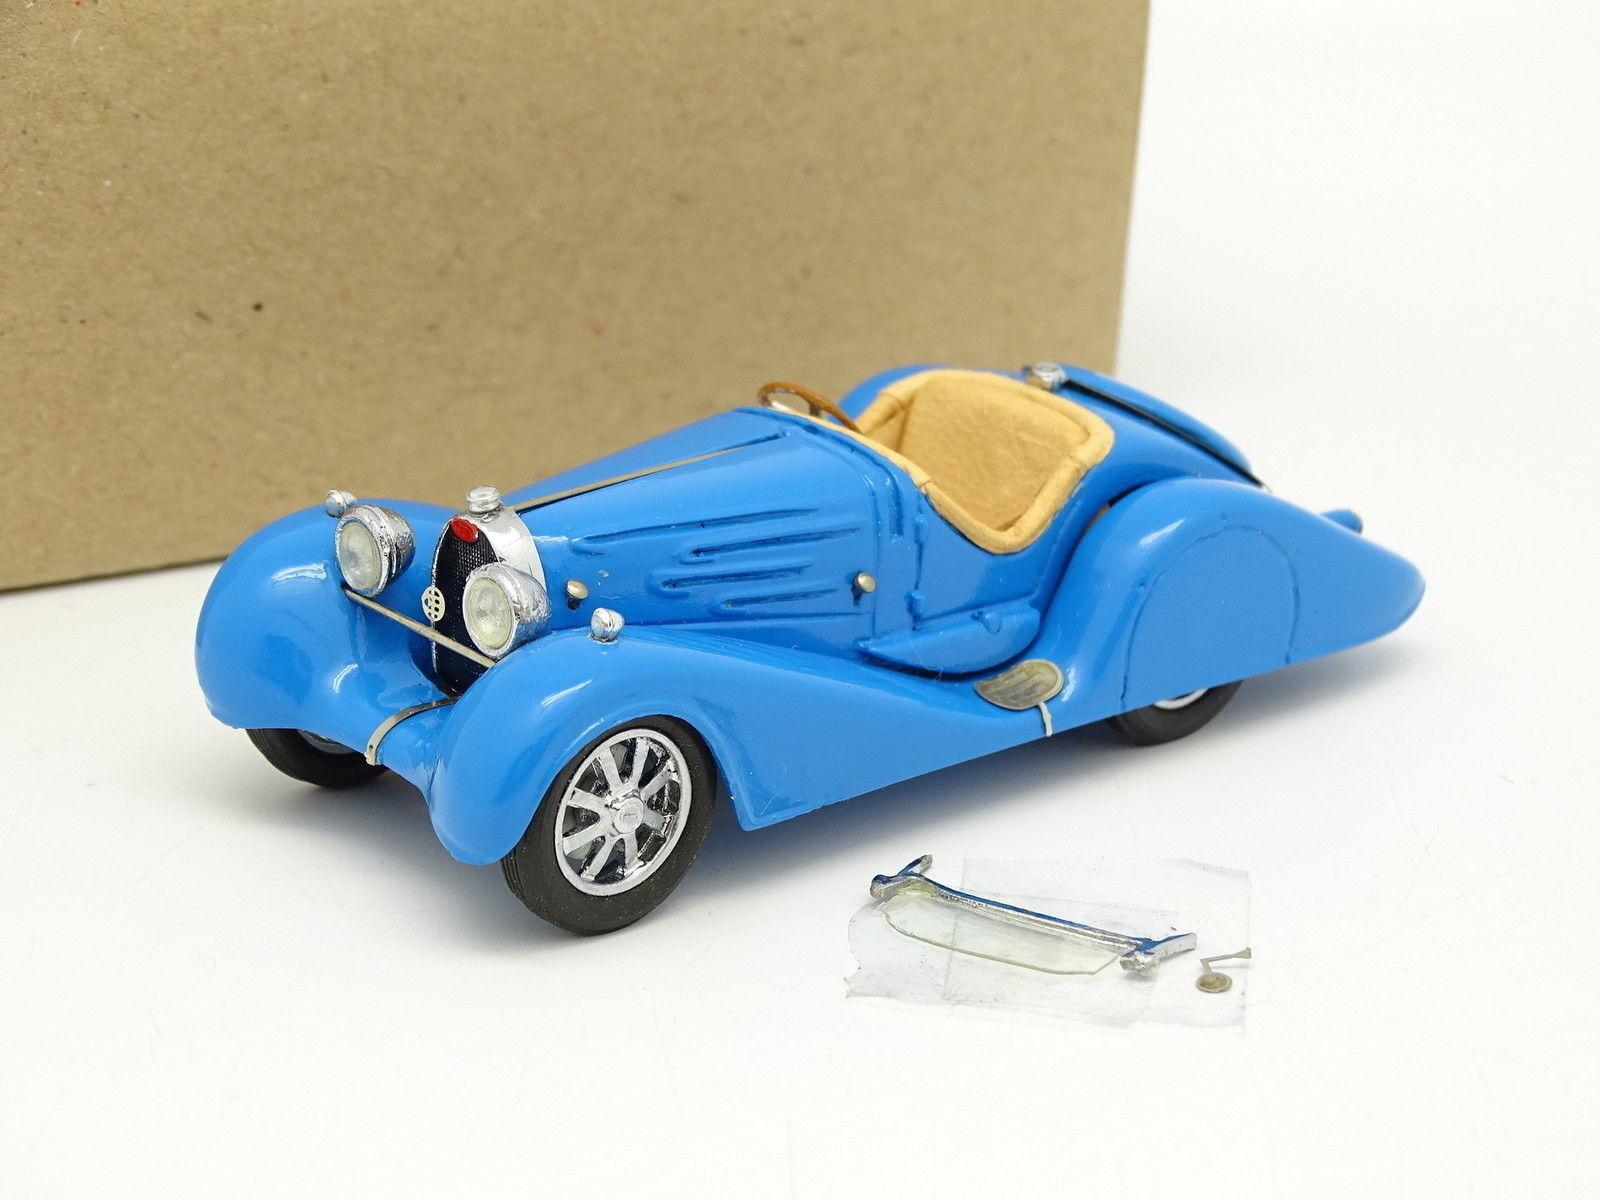 DB Models Kit Assembled Resin 1 43 - Bugatti T35B Bodied bluee